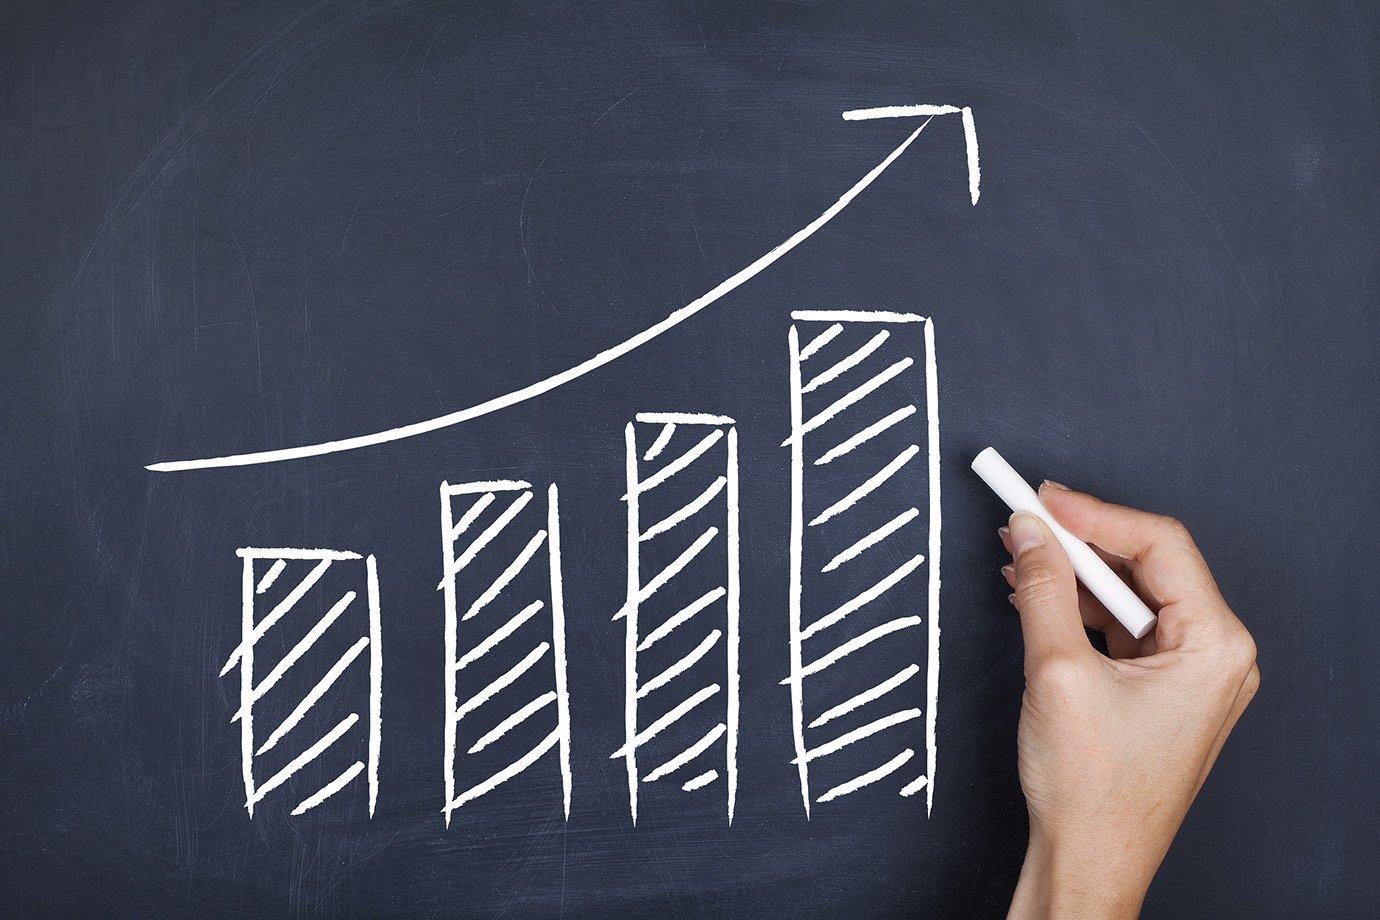 Gráfico subindo: vendas, metas, objetivos, contas, finanças, sucesso